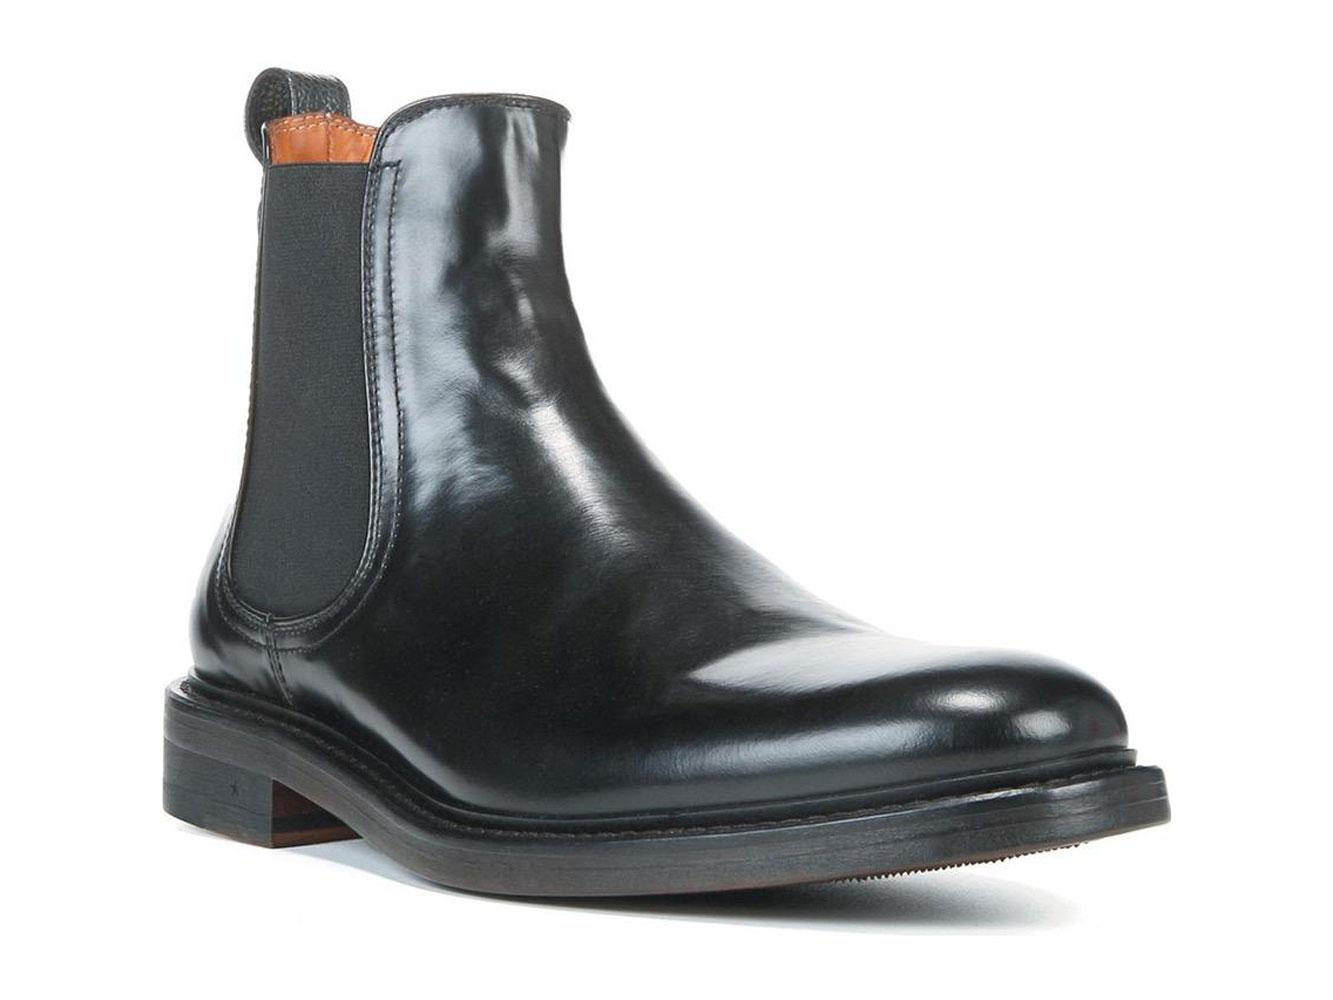 3d8a50055805 Details about GEORGE BROWN BILT Men's Black Fulton Chelsea Leather Boots Sz  10.5 $395 NEW